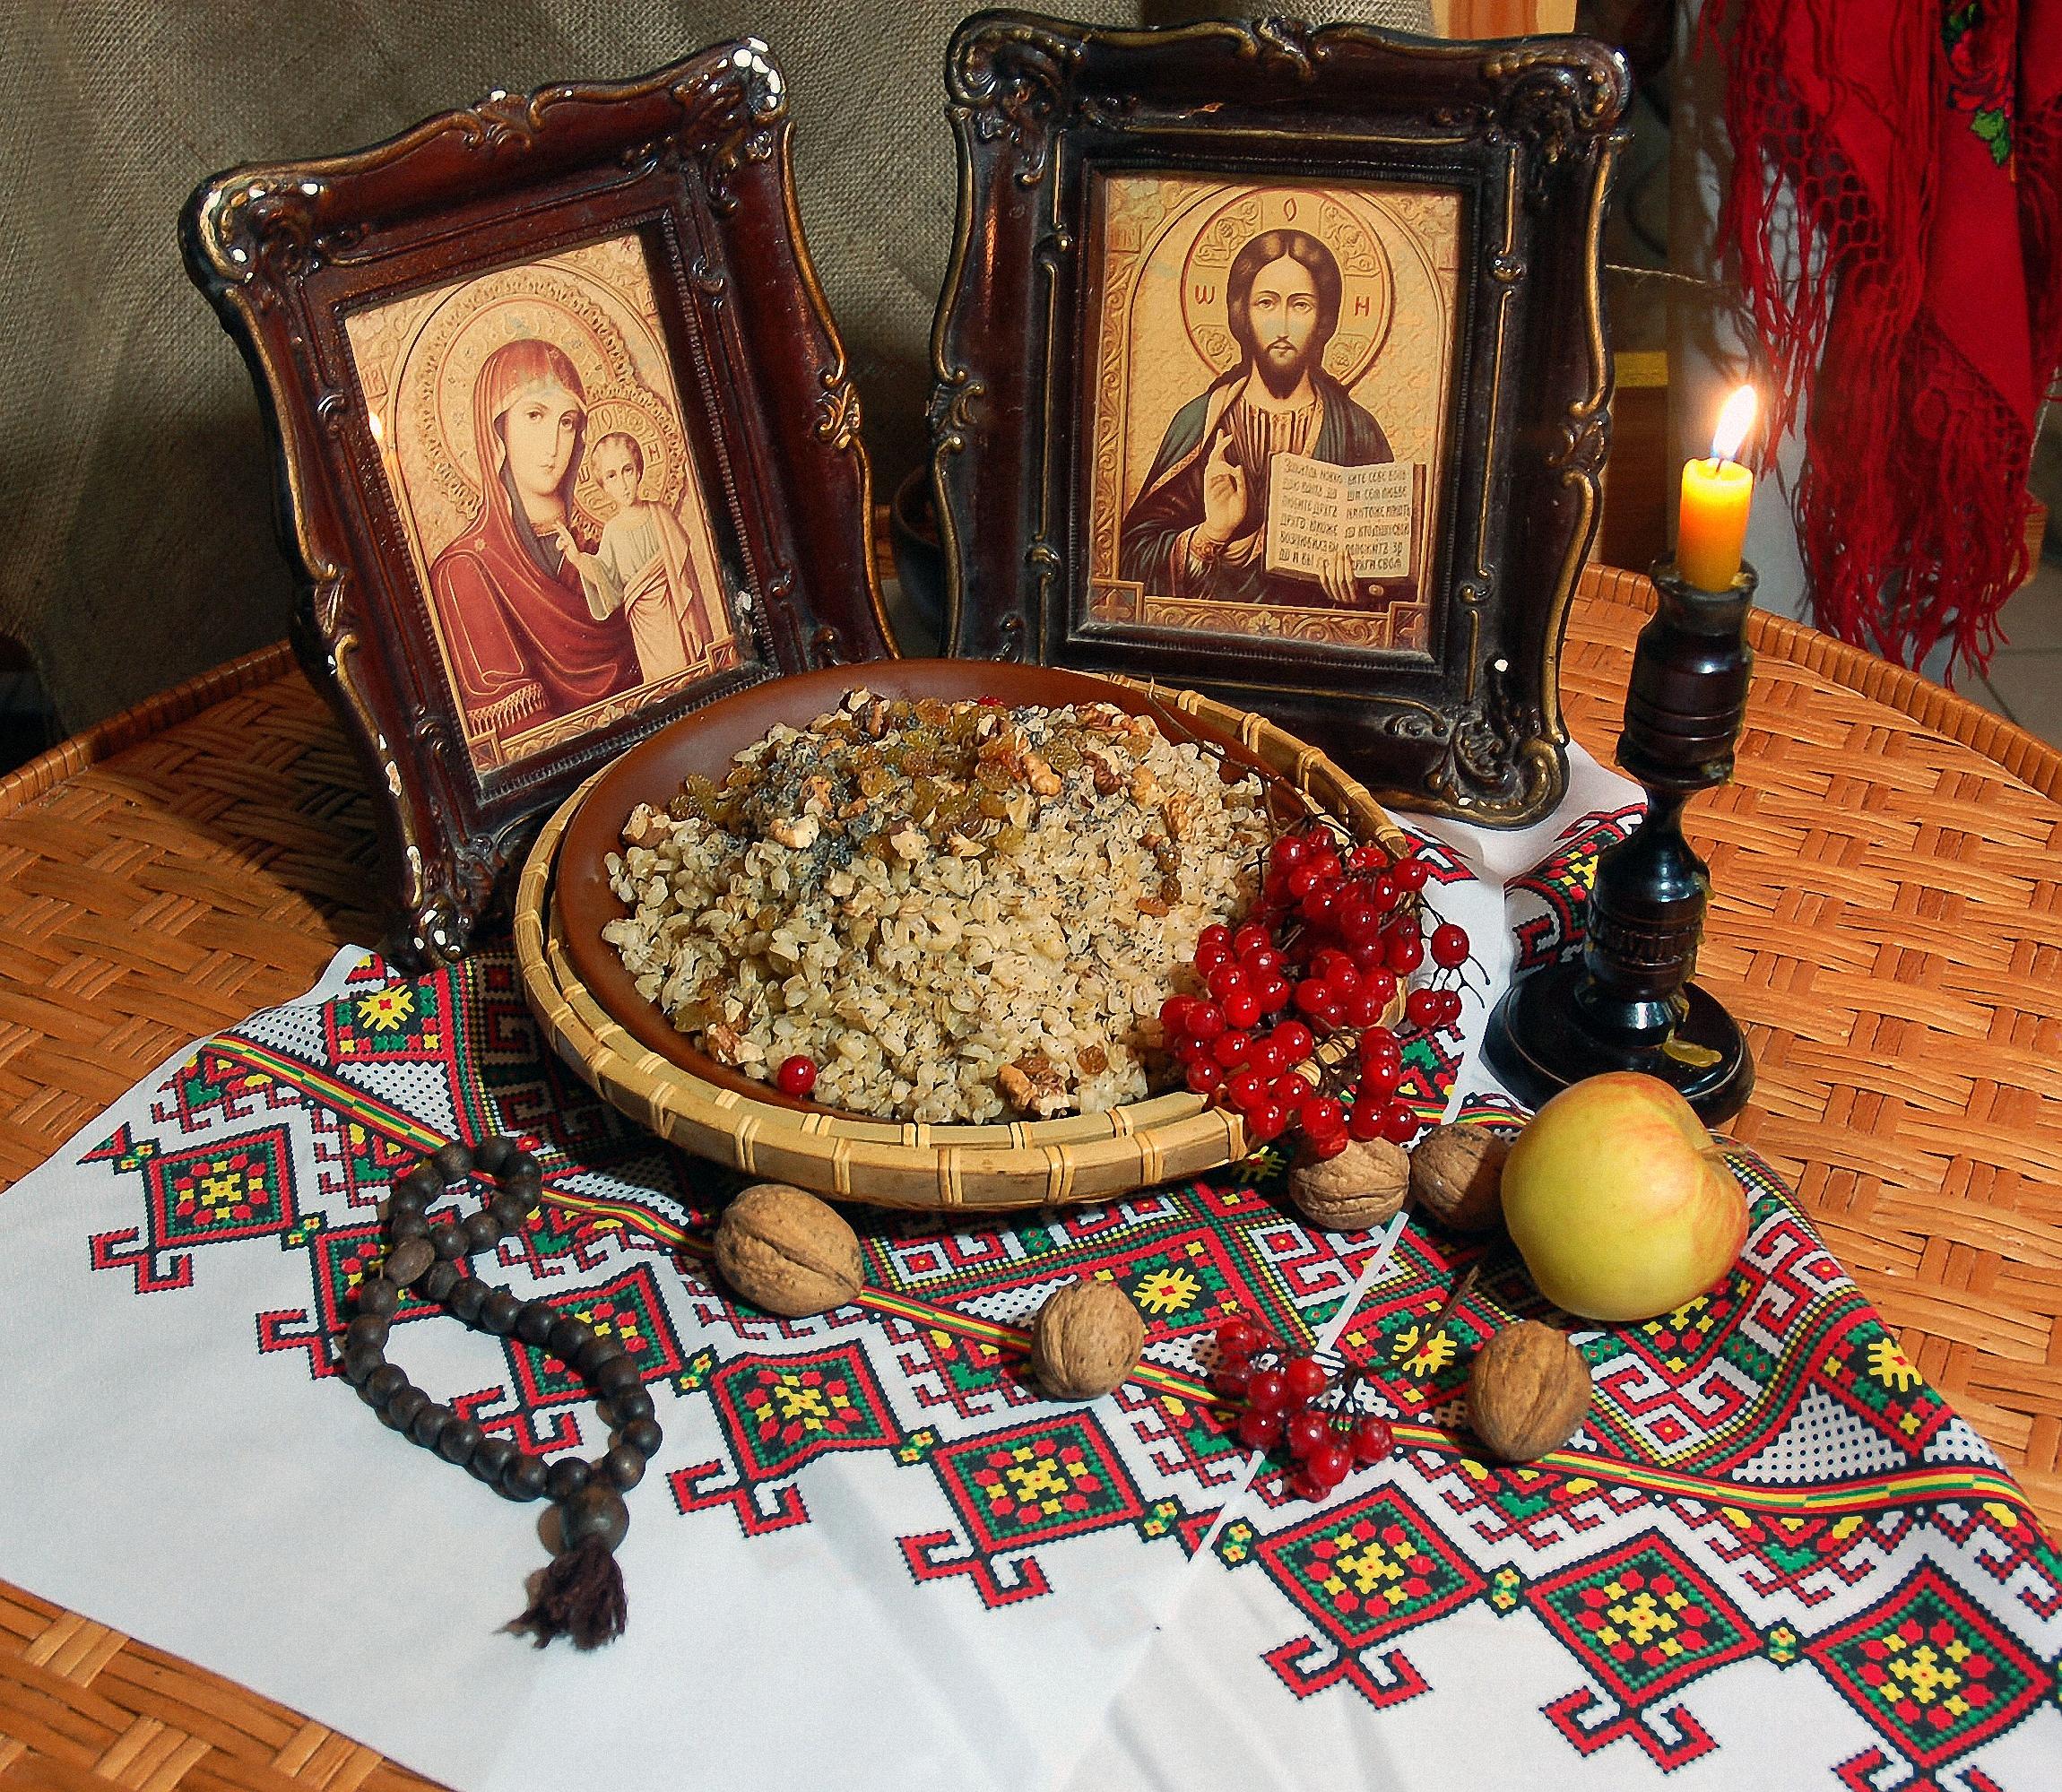 За православните християни постът е подготовка за големите християнски празници, което означава, че стриктните вярващи постят през голяма част от годината. Всяка сряда - в знак на страданията на Исус Христос и петък - деня на неговата смърт, в навечерието на големите празници, преди Коледа, преди Великден, преди Петровден, преди Голяма Богородица и други. Според Православната църква постът предполага и неучастие в увеселителни и зрелищни мероприятия като барове, дискотеки, шумни празненства или гледане на телевизия.